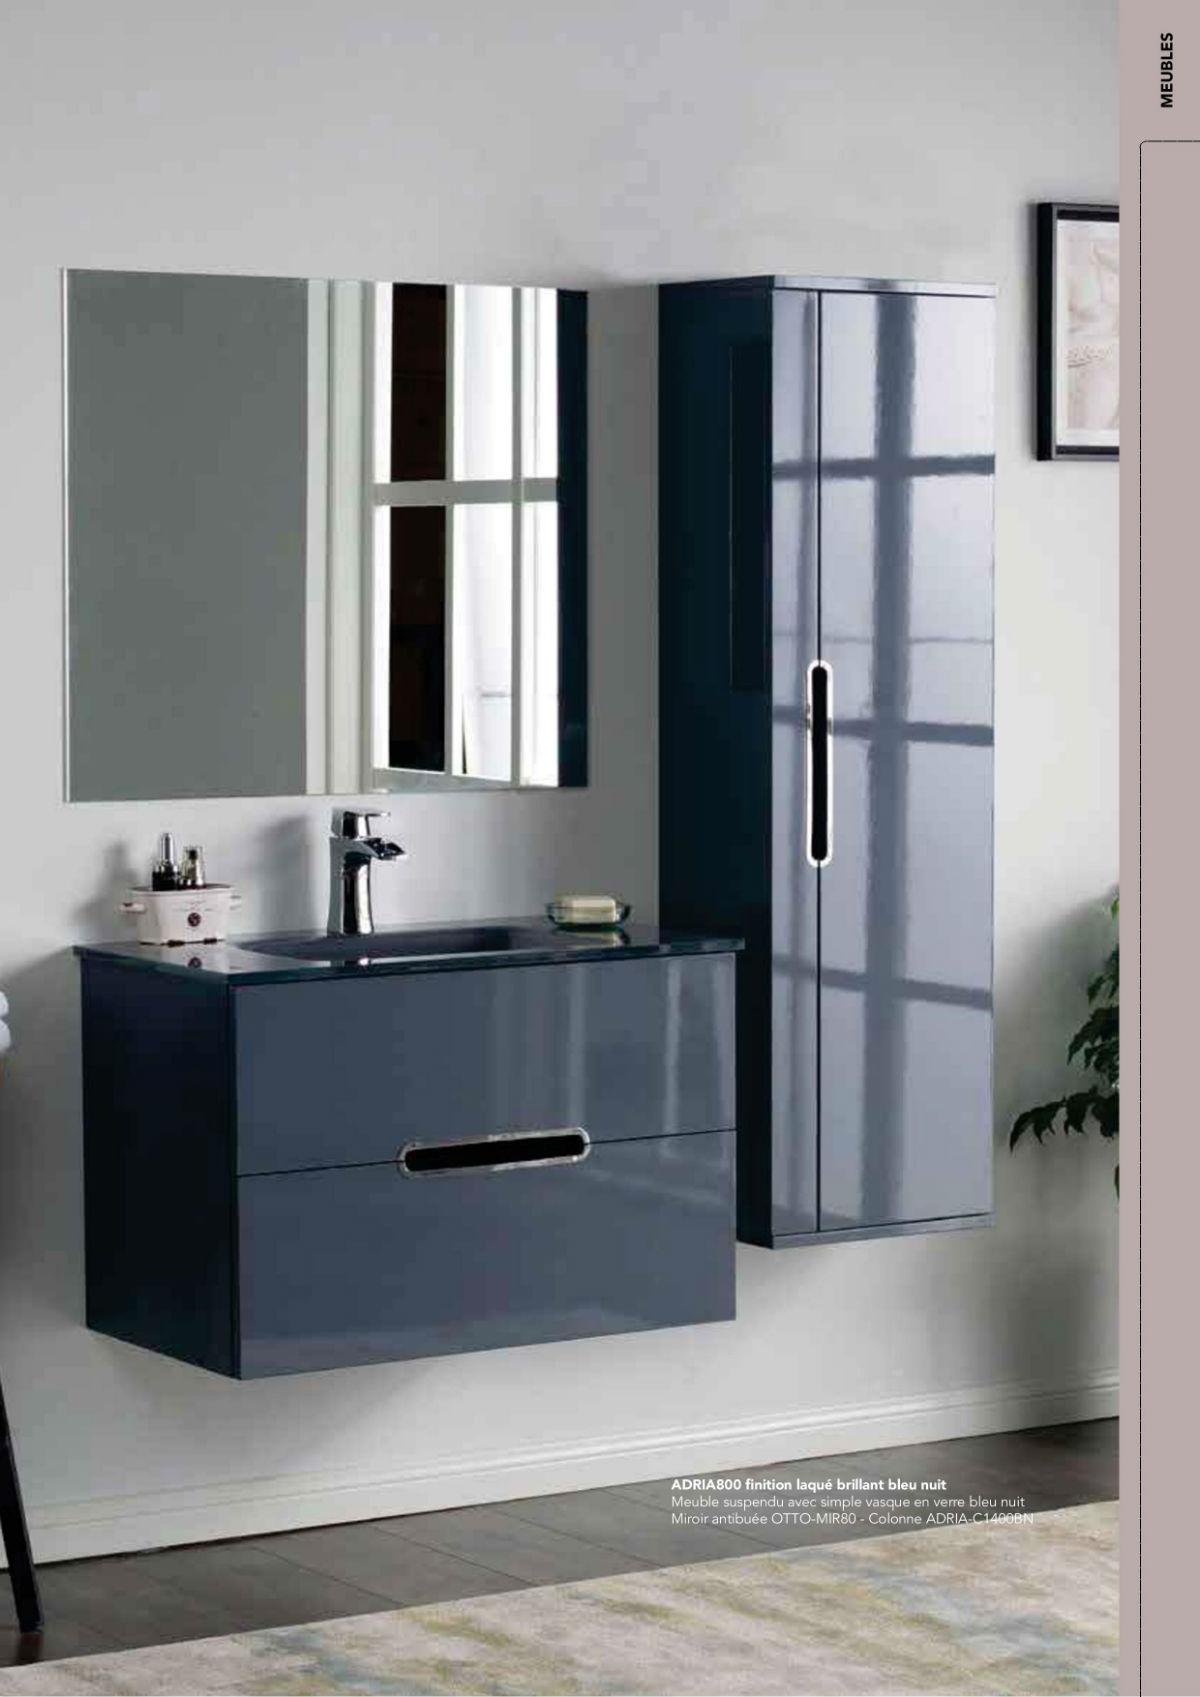 ADRIA meuble de salle de bain